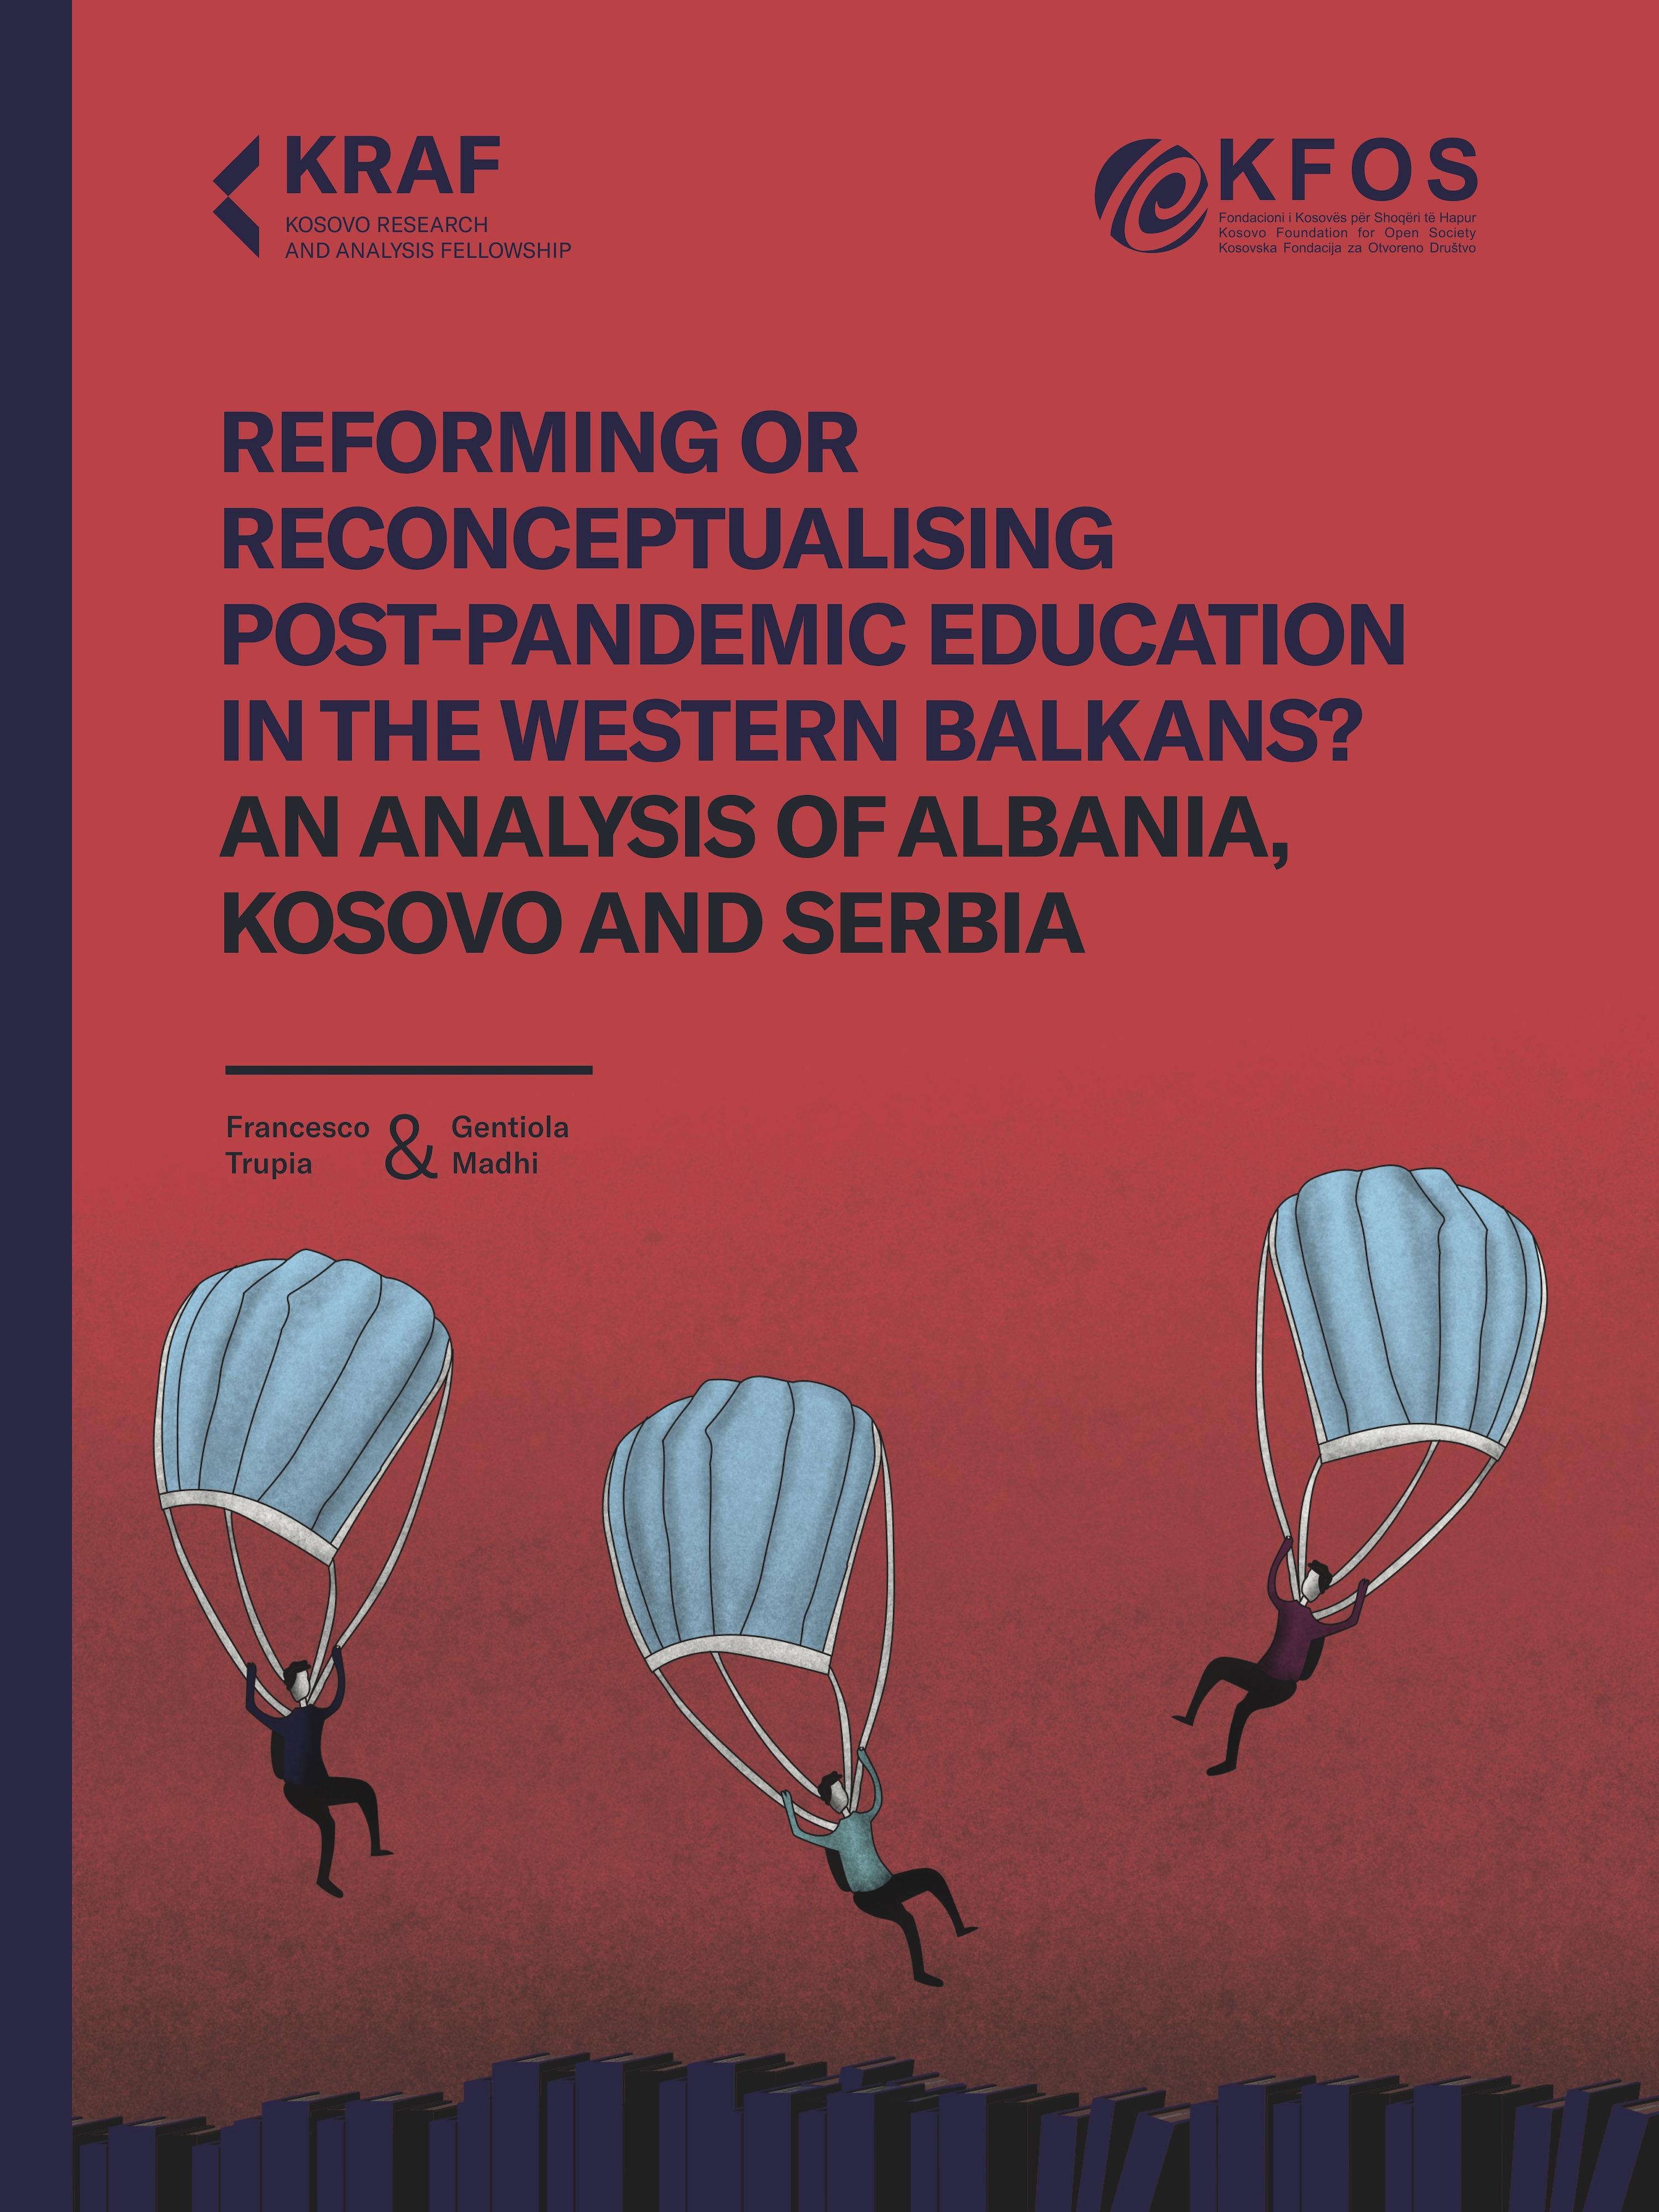 Reformimi apo rikonceptualizimi i arsimit postpandemik në Ballkanin Perëndimor? Analizë për Shqipërinë, Kosovën dhe Serbinë